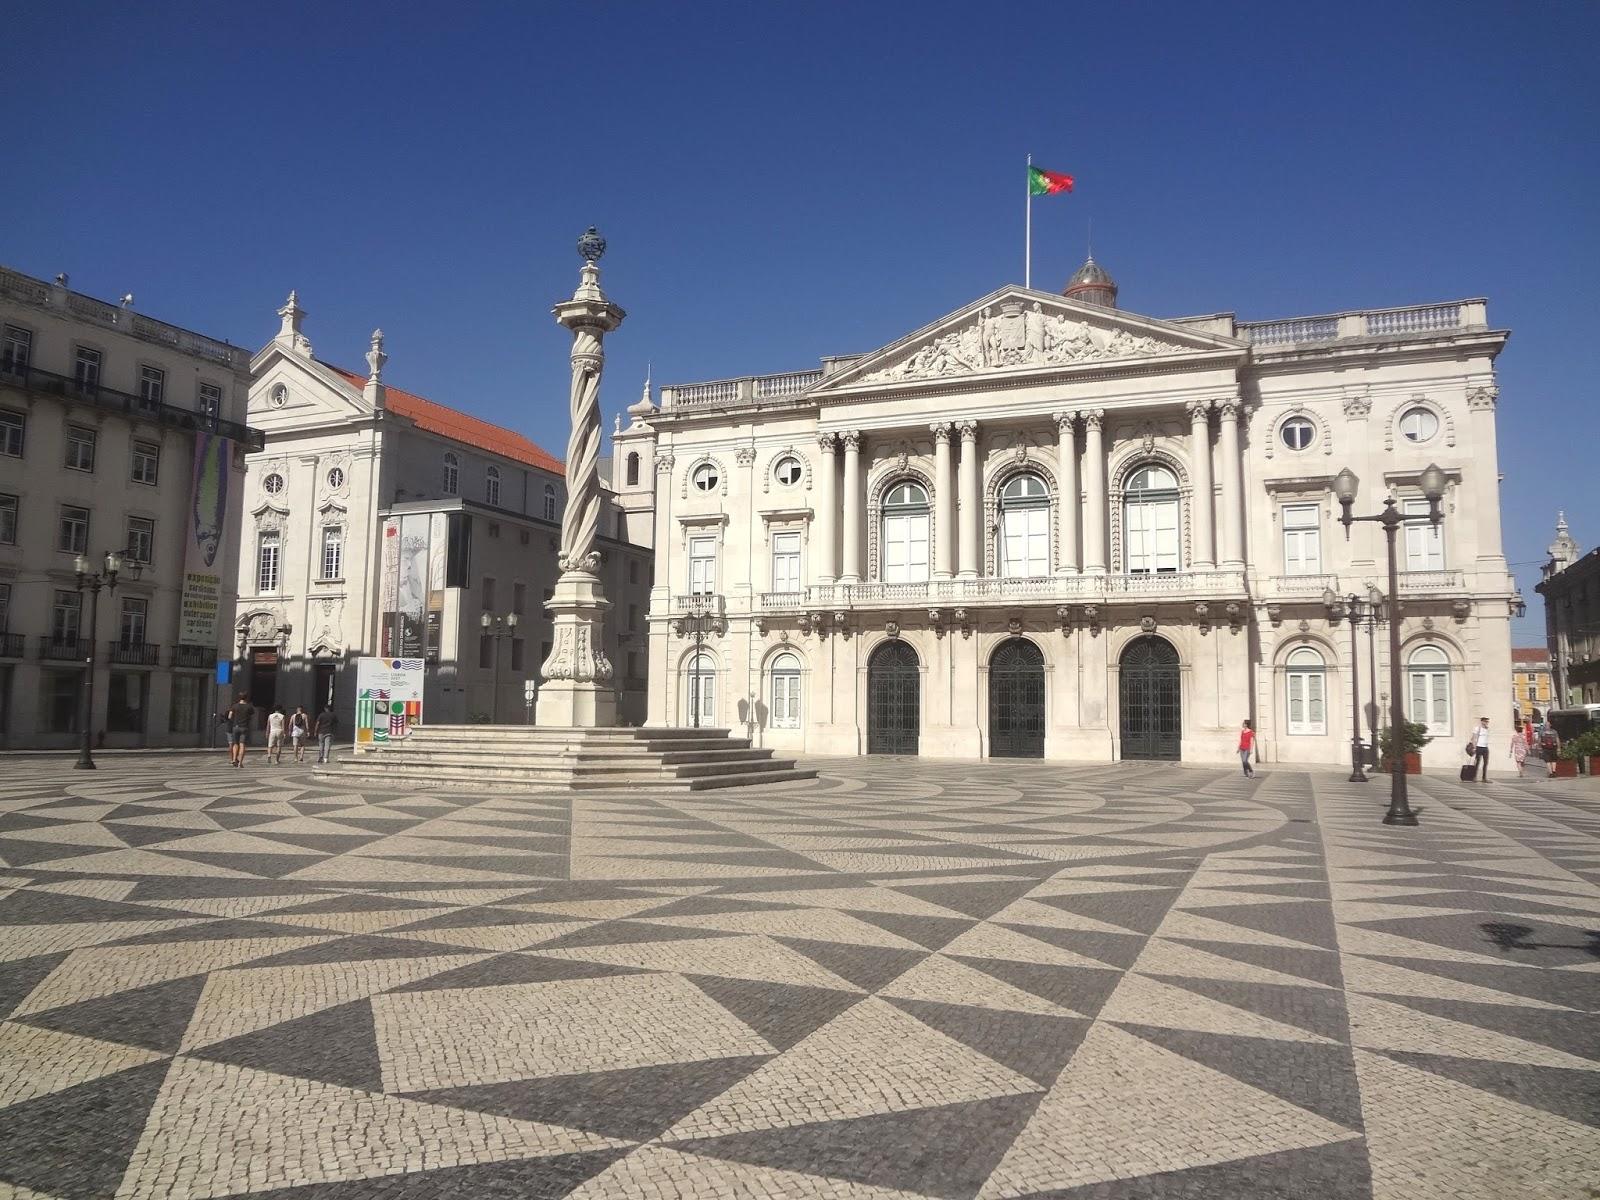 Andrea cdc lisbona tra architetture antiche e moderne for Palazzo in stile spagnolo